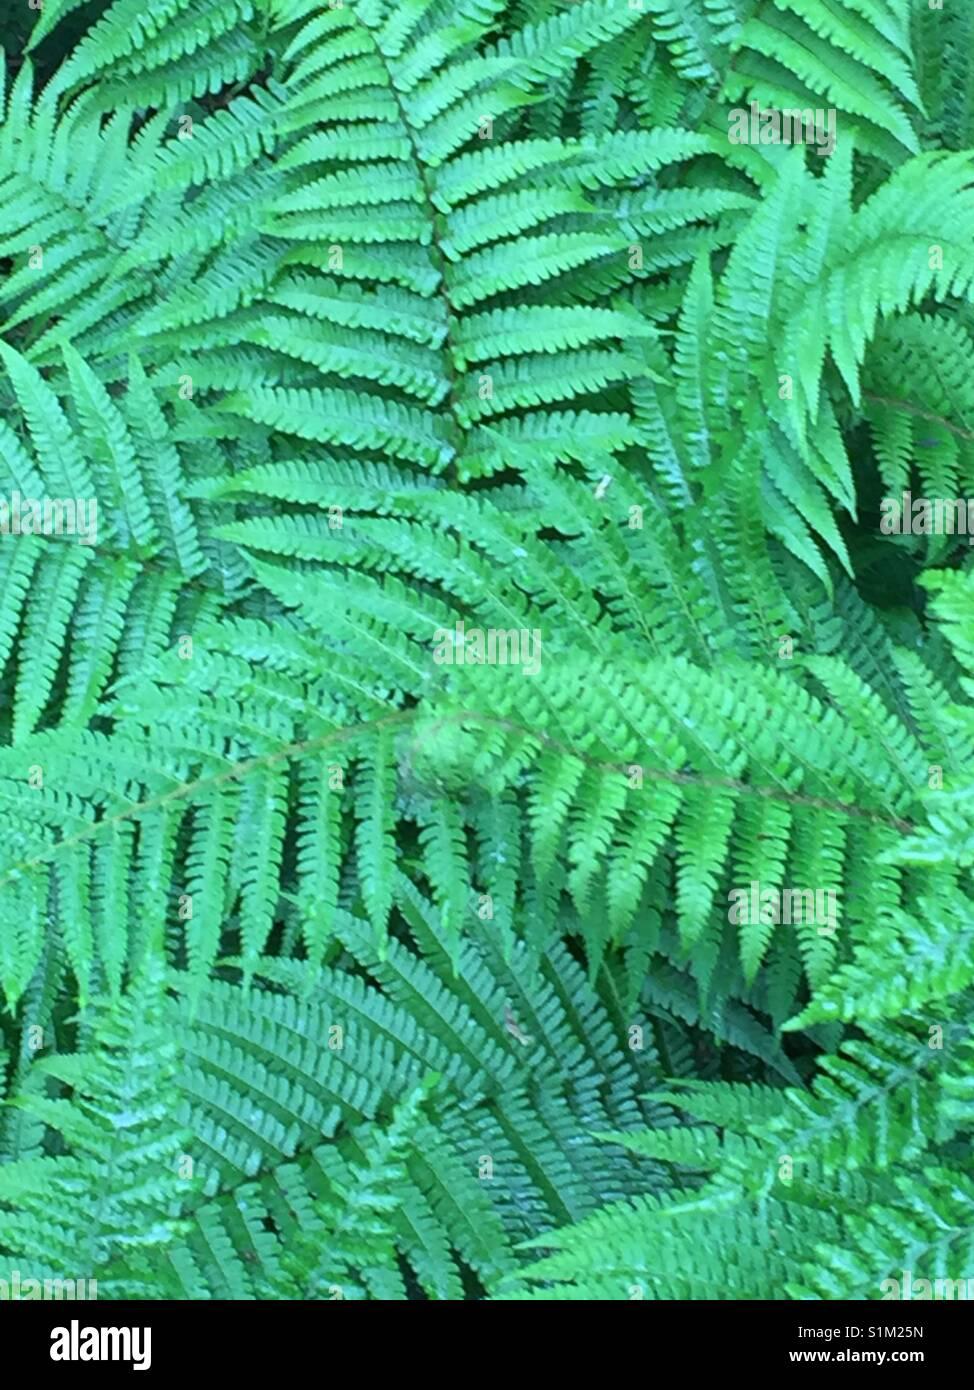 Grüne Farnwedel. Dryopteris filix-mas. Grüne Farnkrautwedel. Stockbild